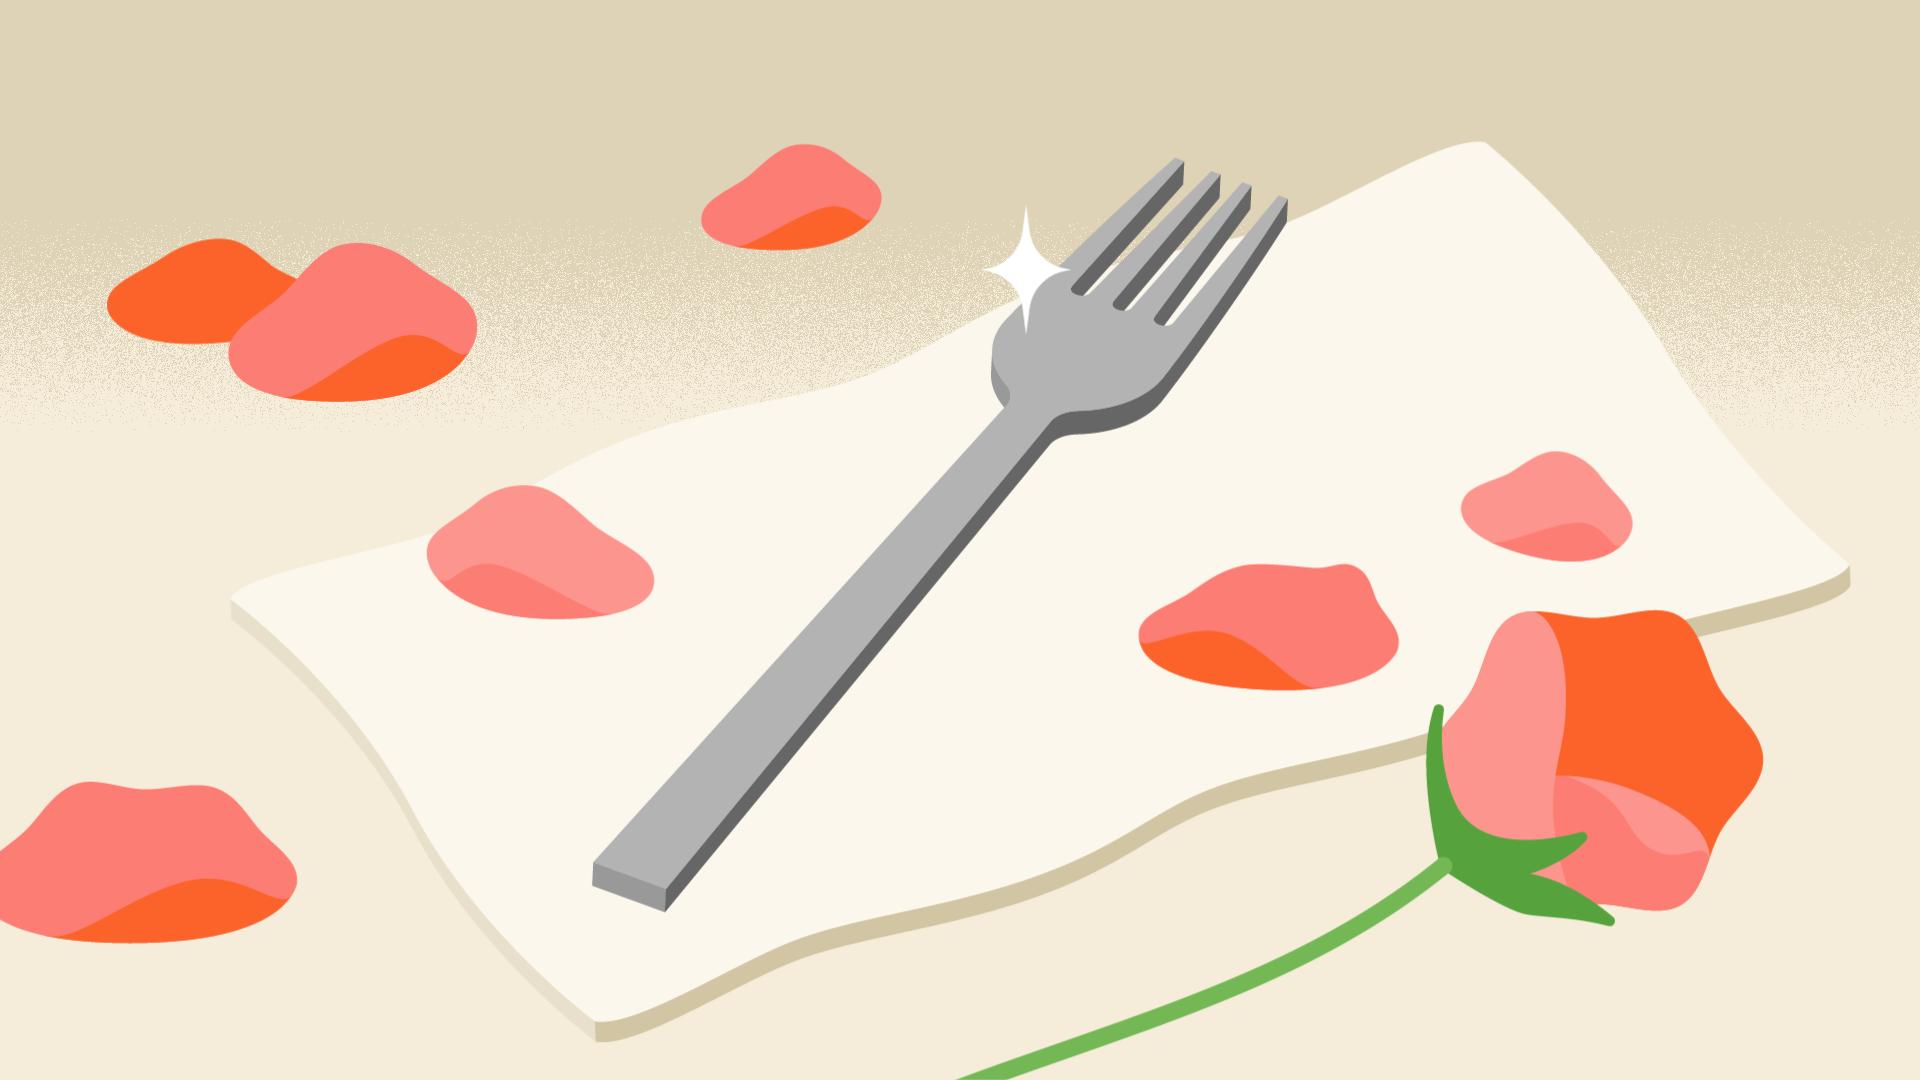 design_look_fork_roses.